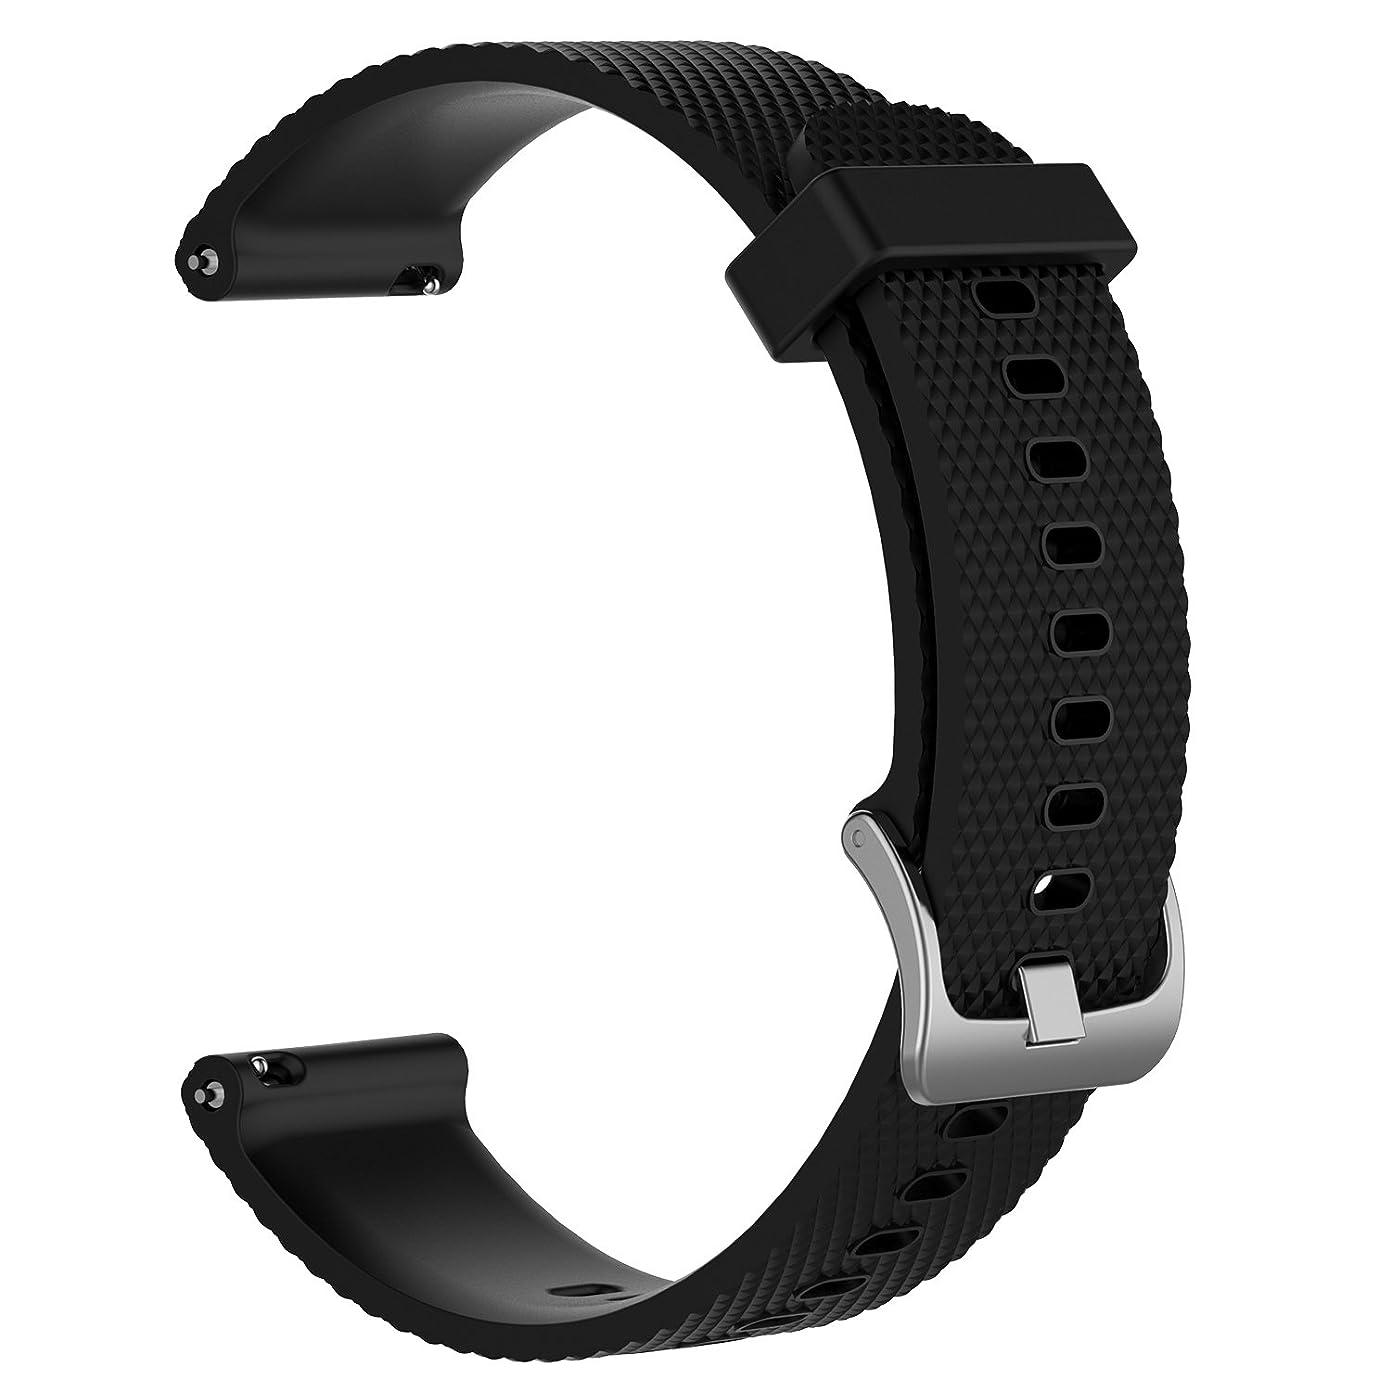 処方する遅らせるシェードMotivaJP Amazfit GTR 47mm スマートウォッチバンド 22mm シリコン 腕時計ストラップ 交換ベルト (ブラック)